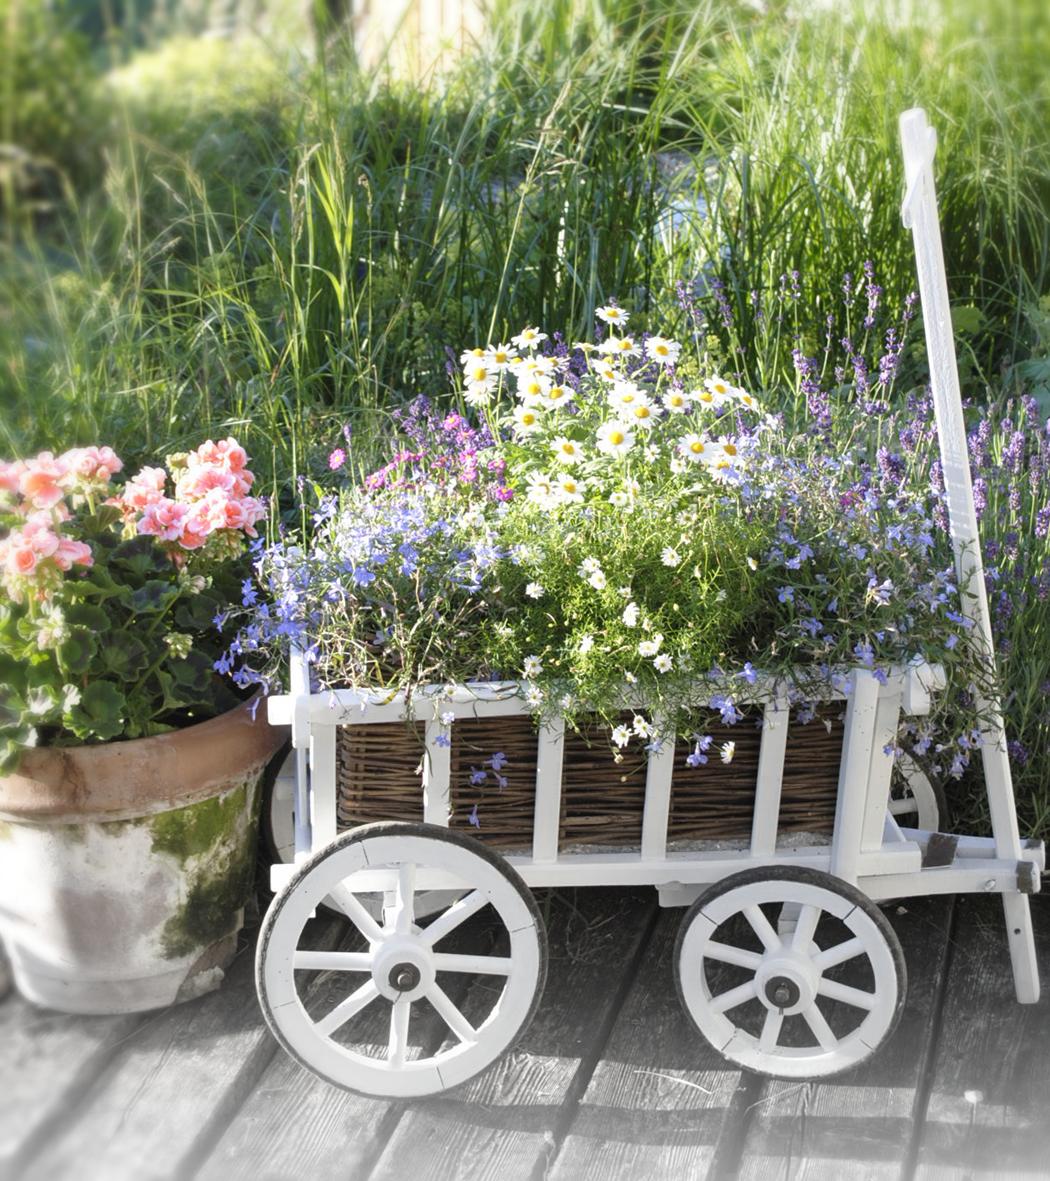 Wetterstation Für Garten: Die Besten 25+ Leiterwagen Ideen Auf Pinterest